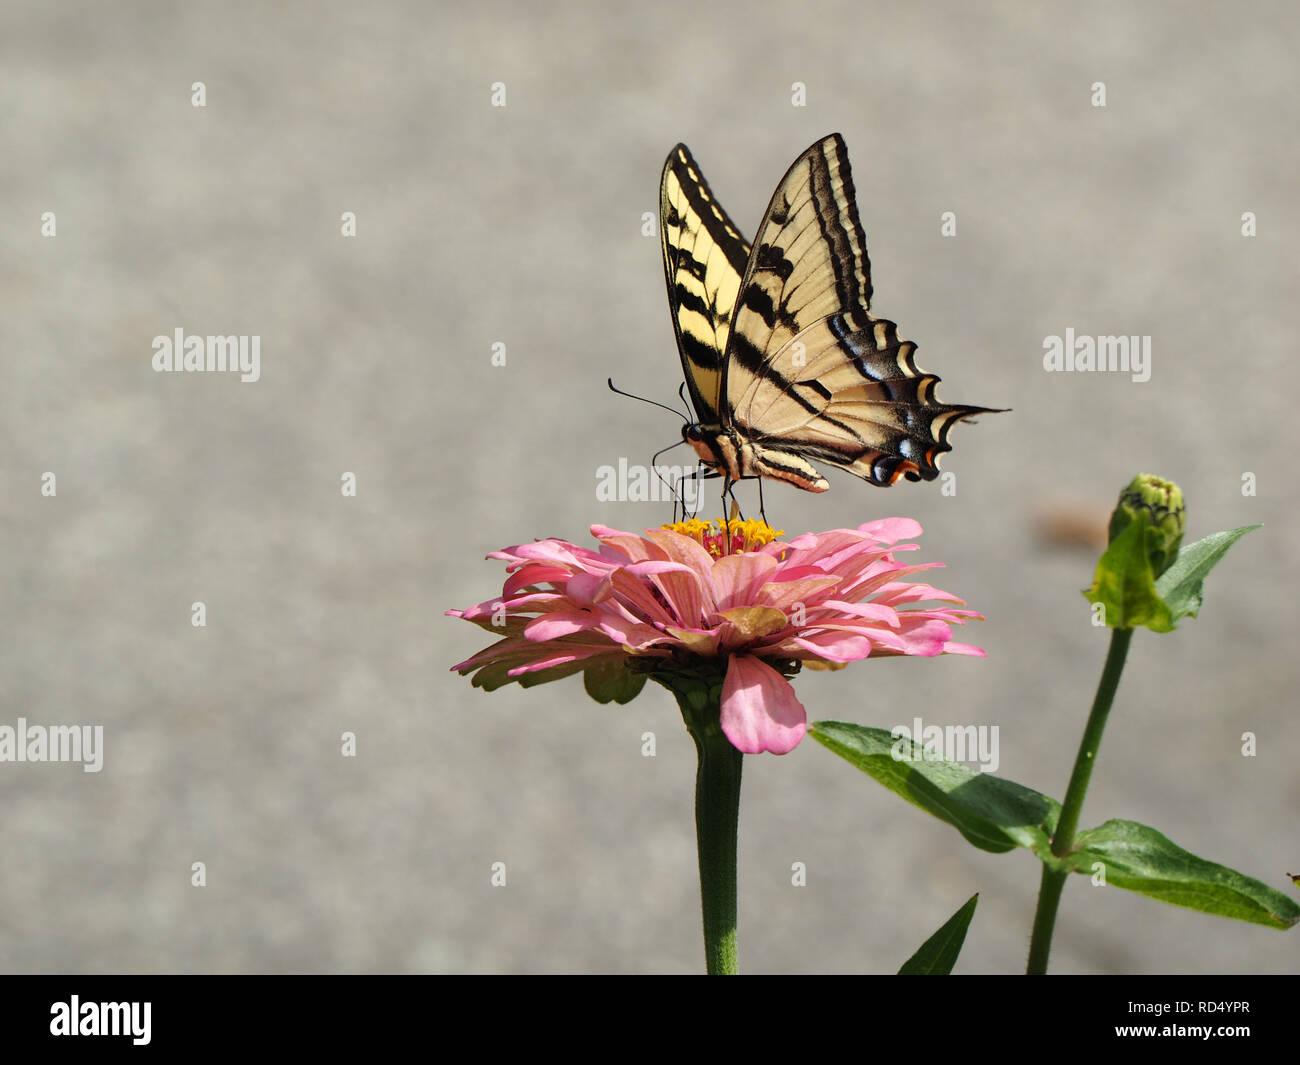 Hübsche gelbe und schwarze Schwalbenschwanz Schmetterling auf einem rosa Blume Stockfoto